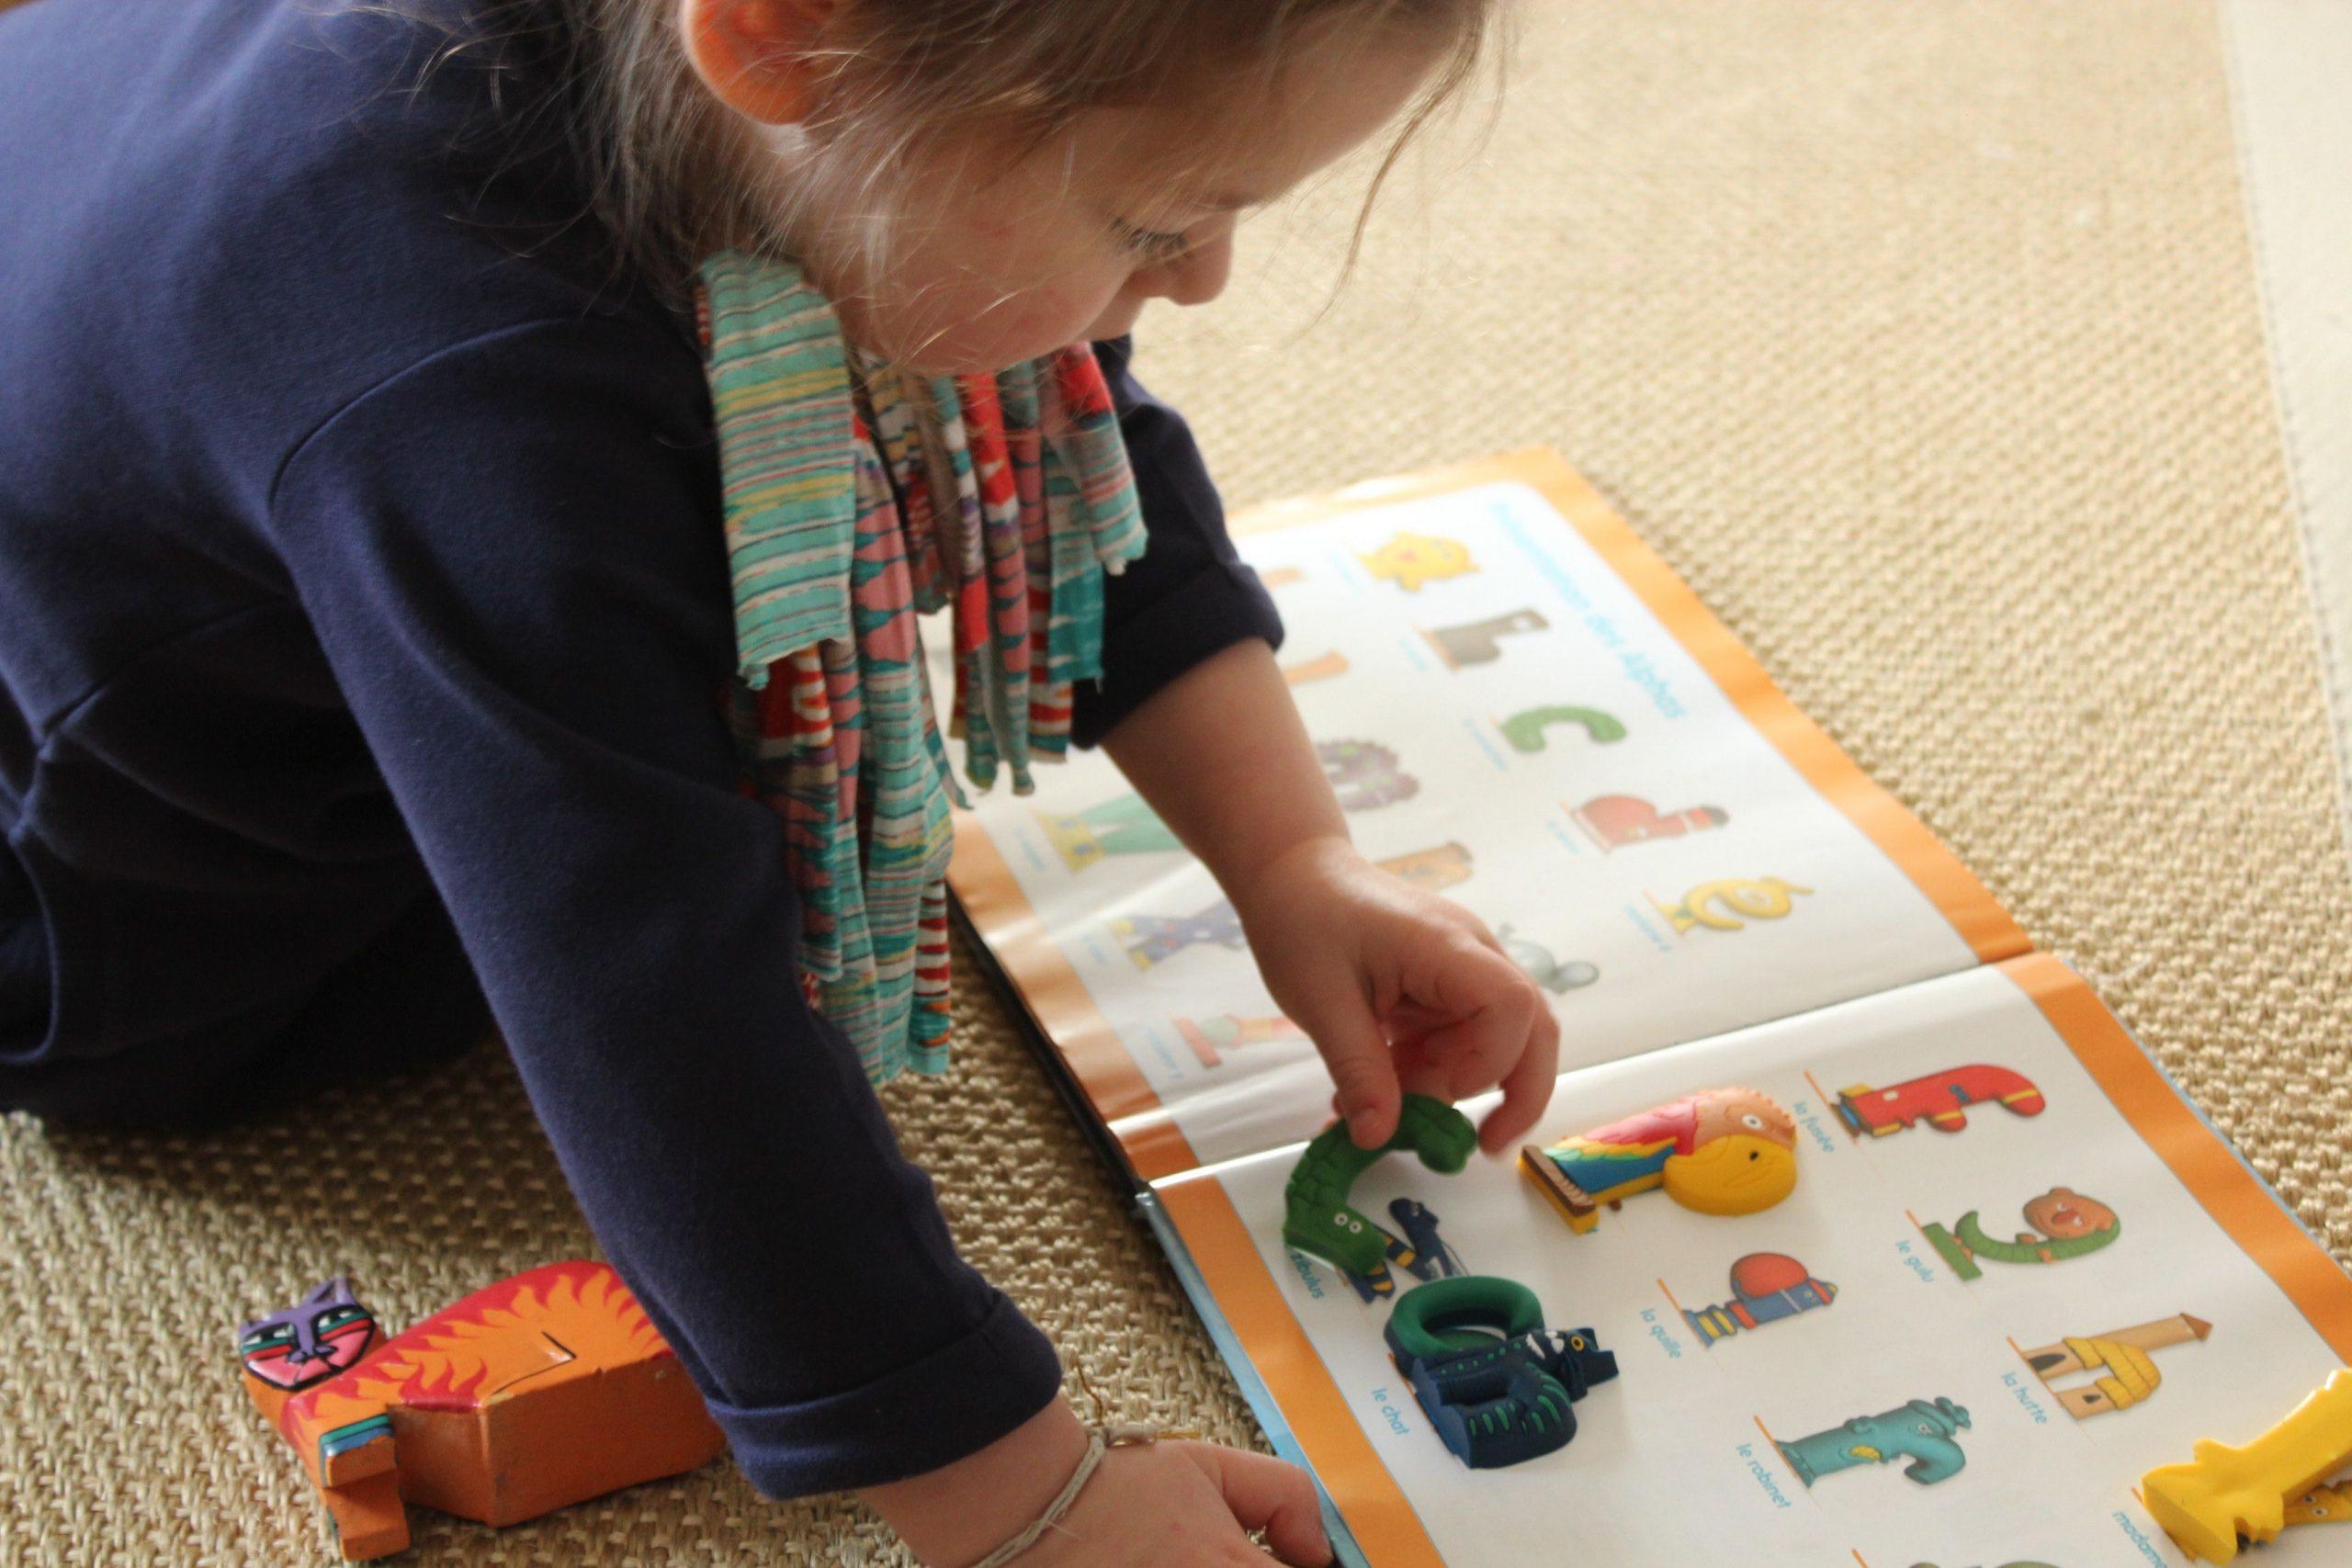 Les Alphas À La Maison: Apprendre En S'amusant. - Ritalechat à Apprendre Les Lettres En Jouant